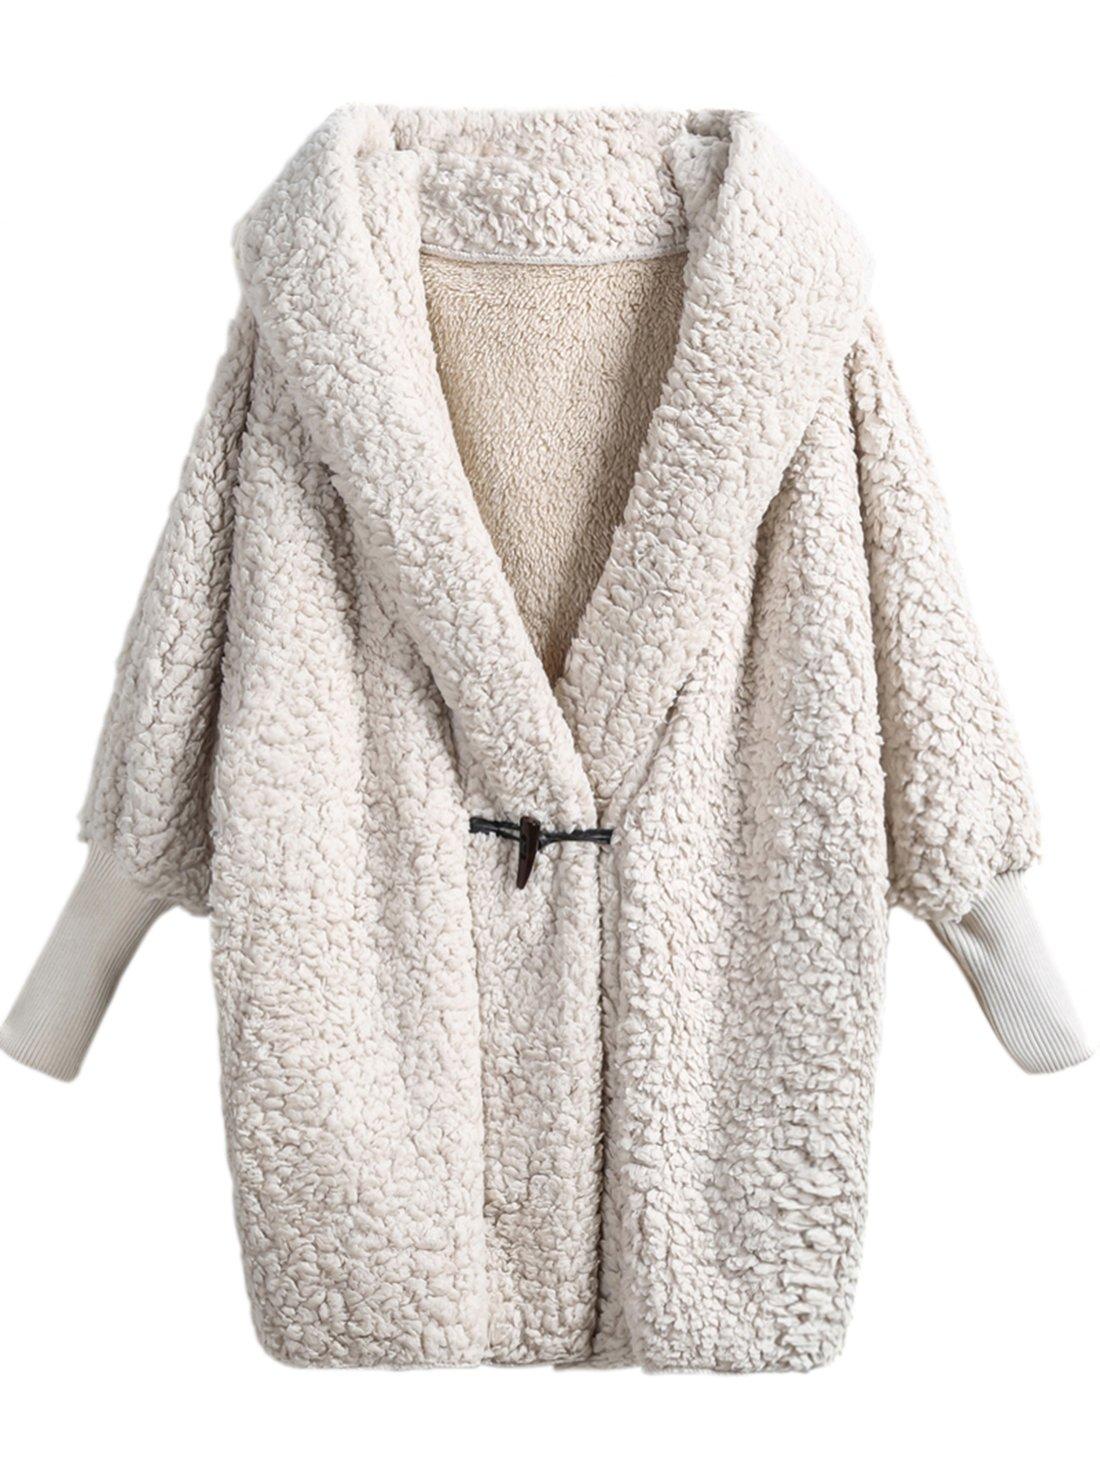 SweatyRocks Women Khaki Hooded Dolman Sleeve Faux Fur Cardigan Coat For Winter (One Size, Cream)